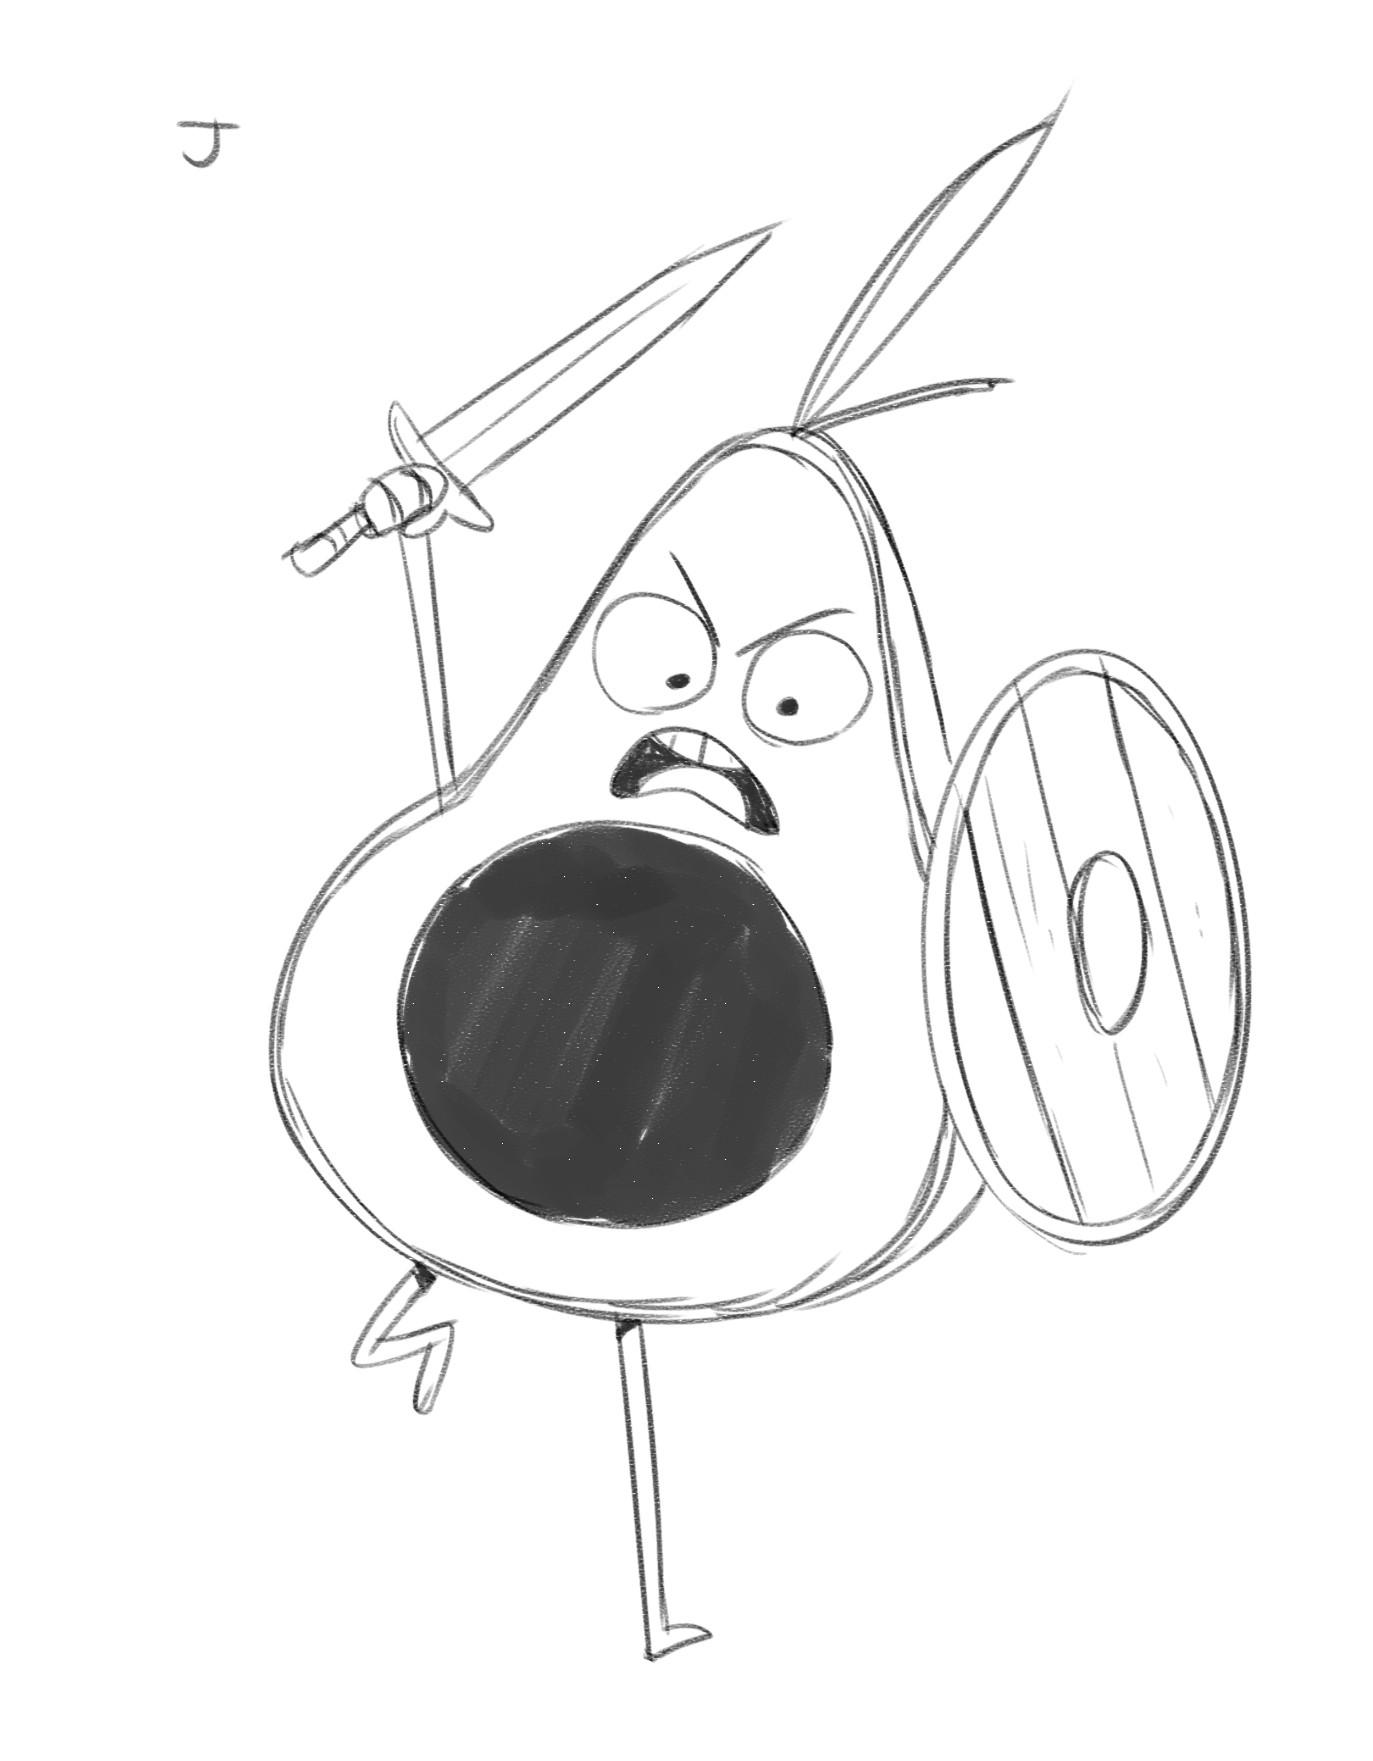 Rayner alencar j avocado soldier